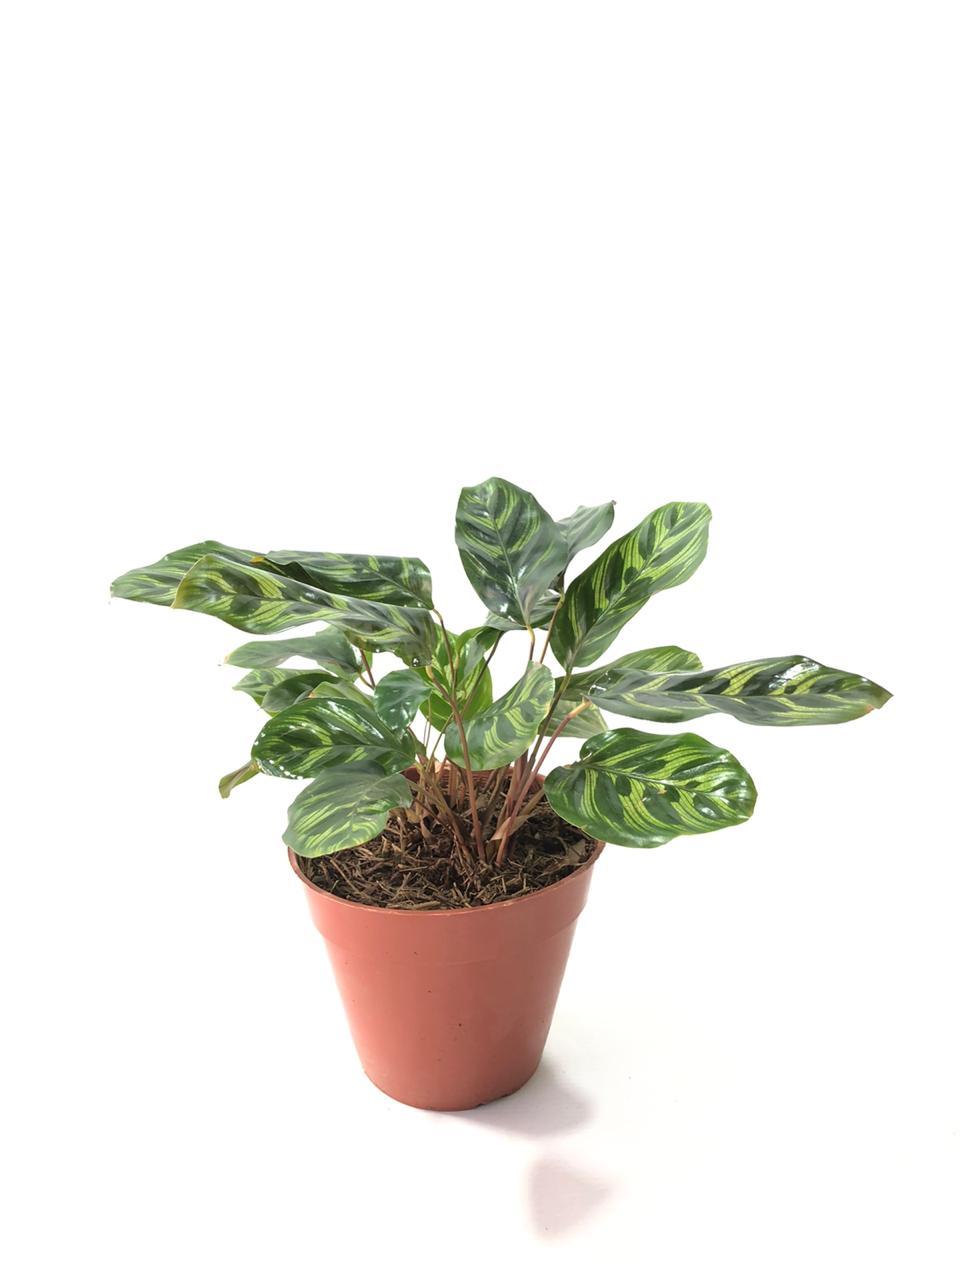 Calathea makoyana en maceta 14 cm